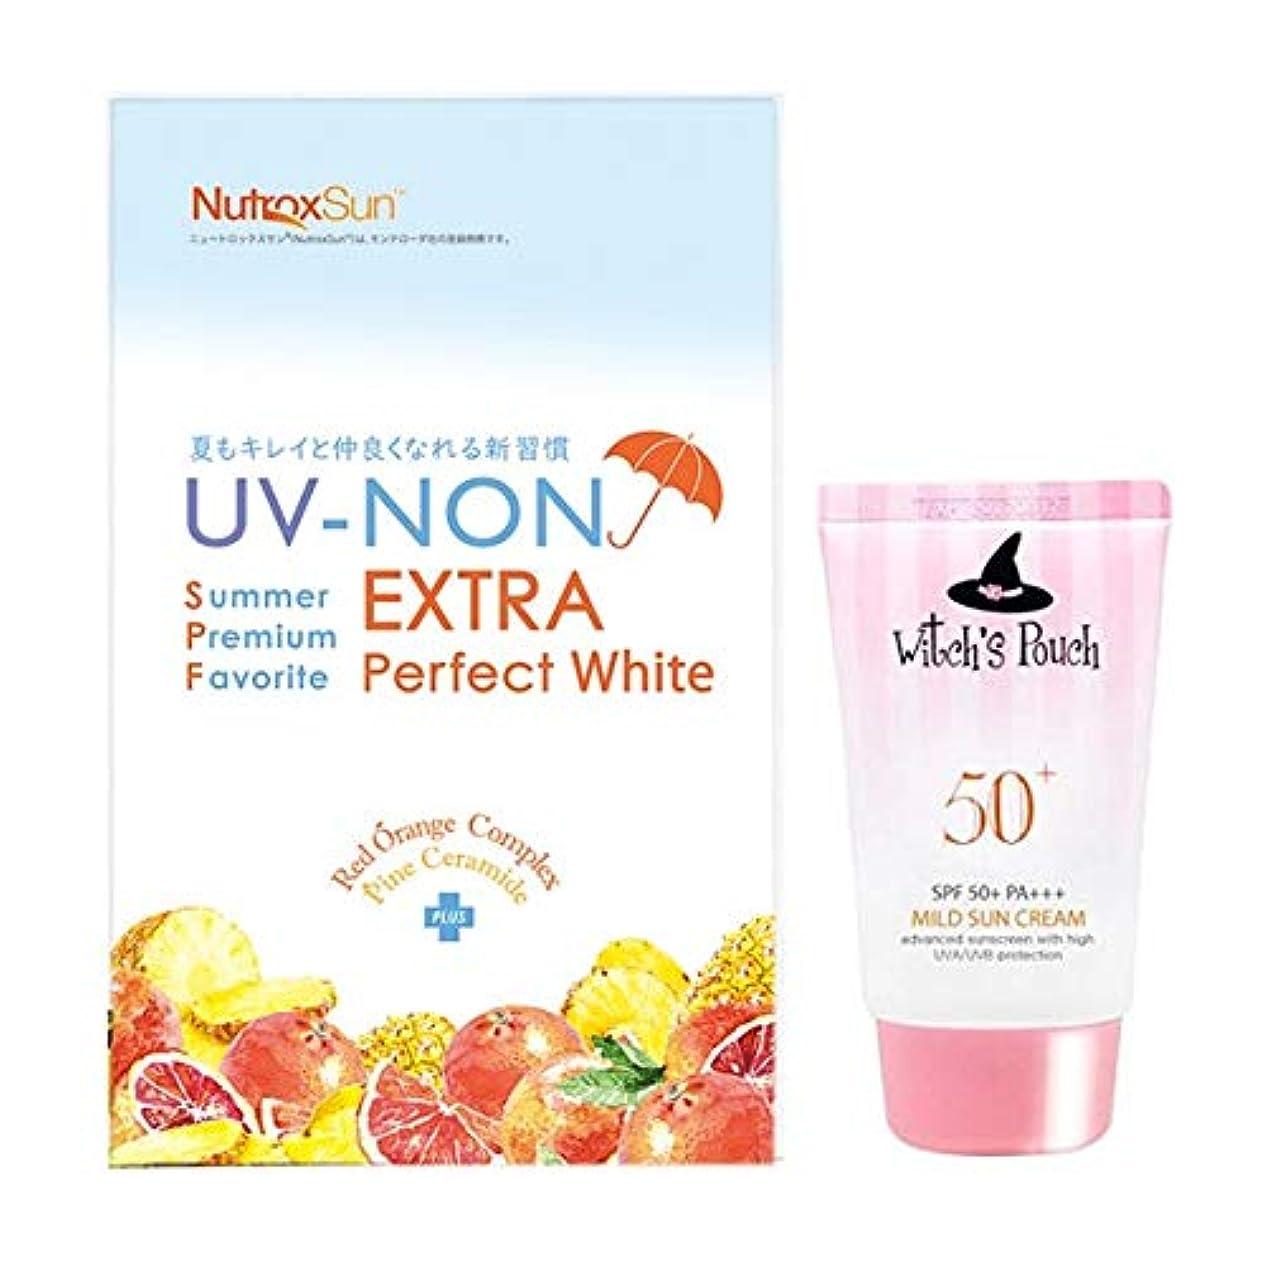 パブうなずく地域アエナ 紫外線ケアセット [サプリ+サンクリーム] UV-NONエクストラ パーフェクトホワイト (30日分 60粒) 飲む夏の美容対策 ウィッチズポーチ 日焼け止め SPF50 PA+++ 50ml